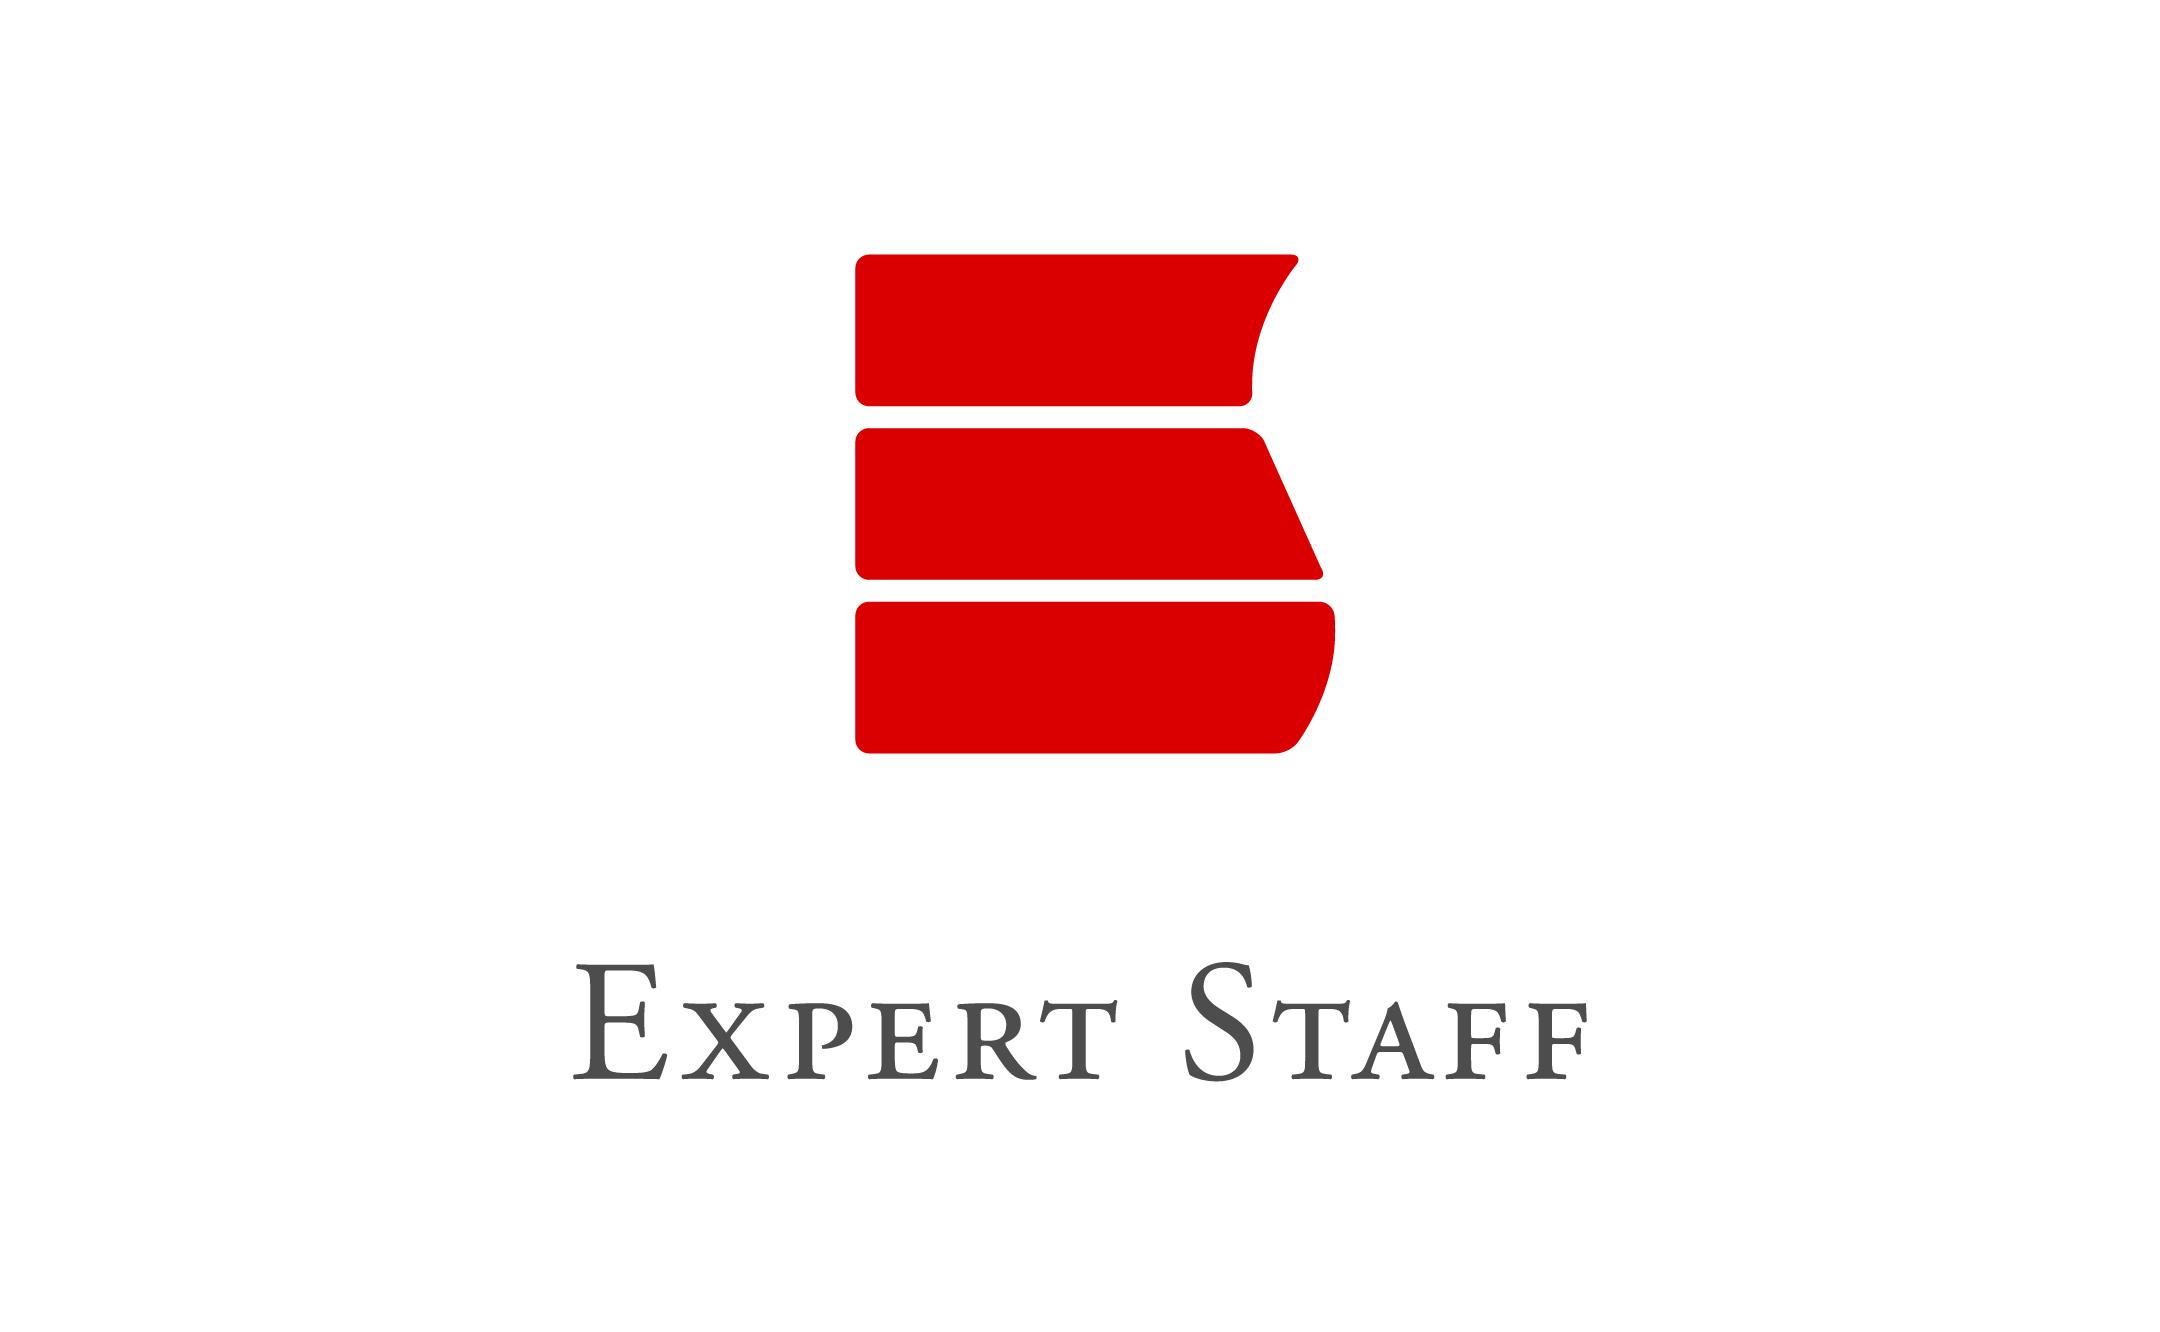 人材サービスのエキスパートスタッフ ロゴ制作